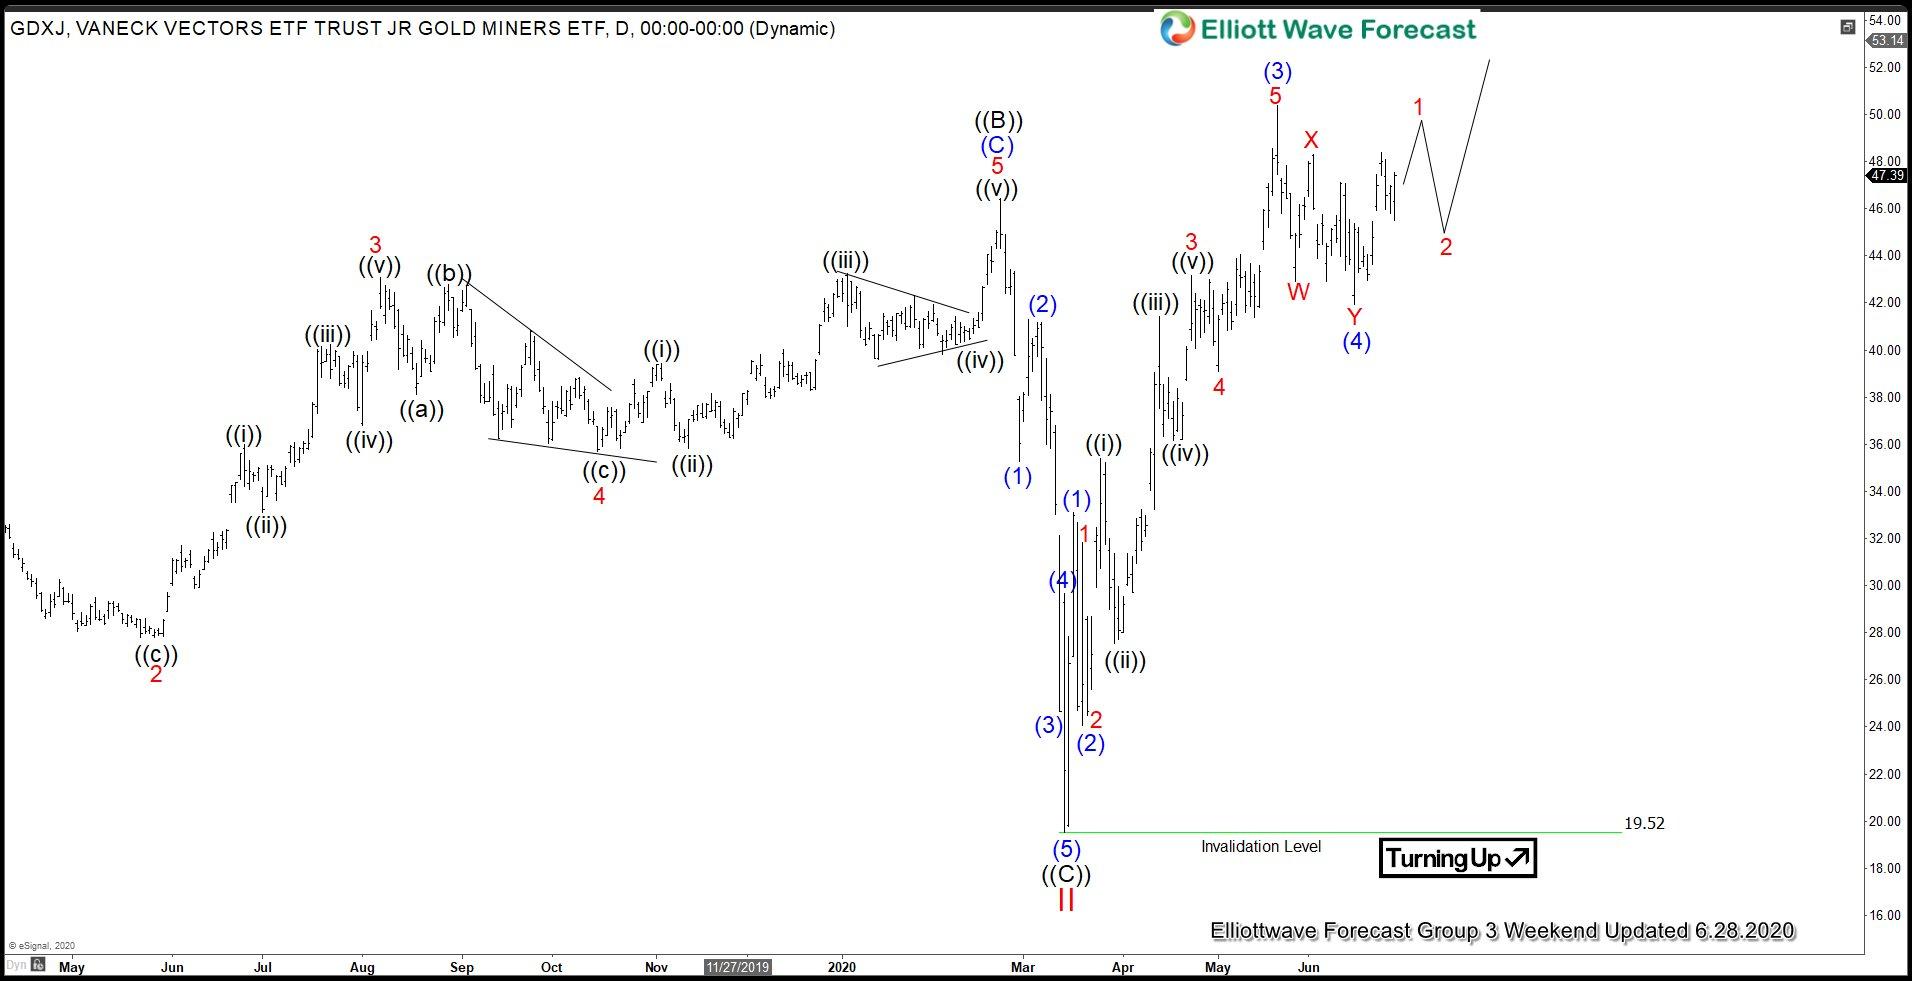 GDXJ Daily Elliott Wave chart